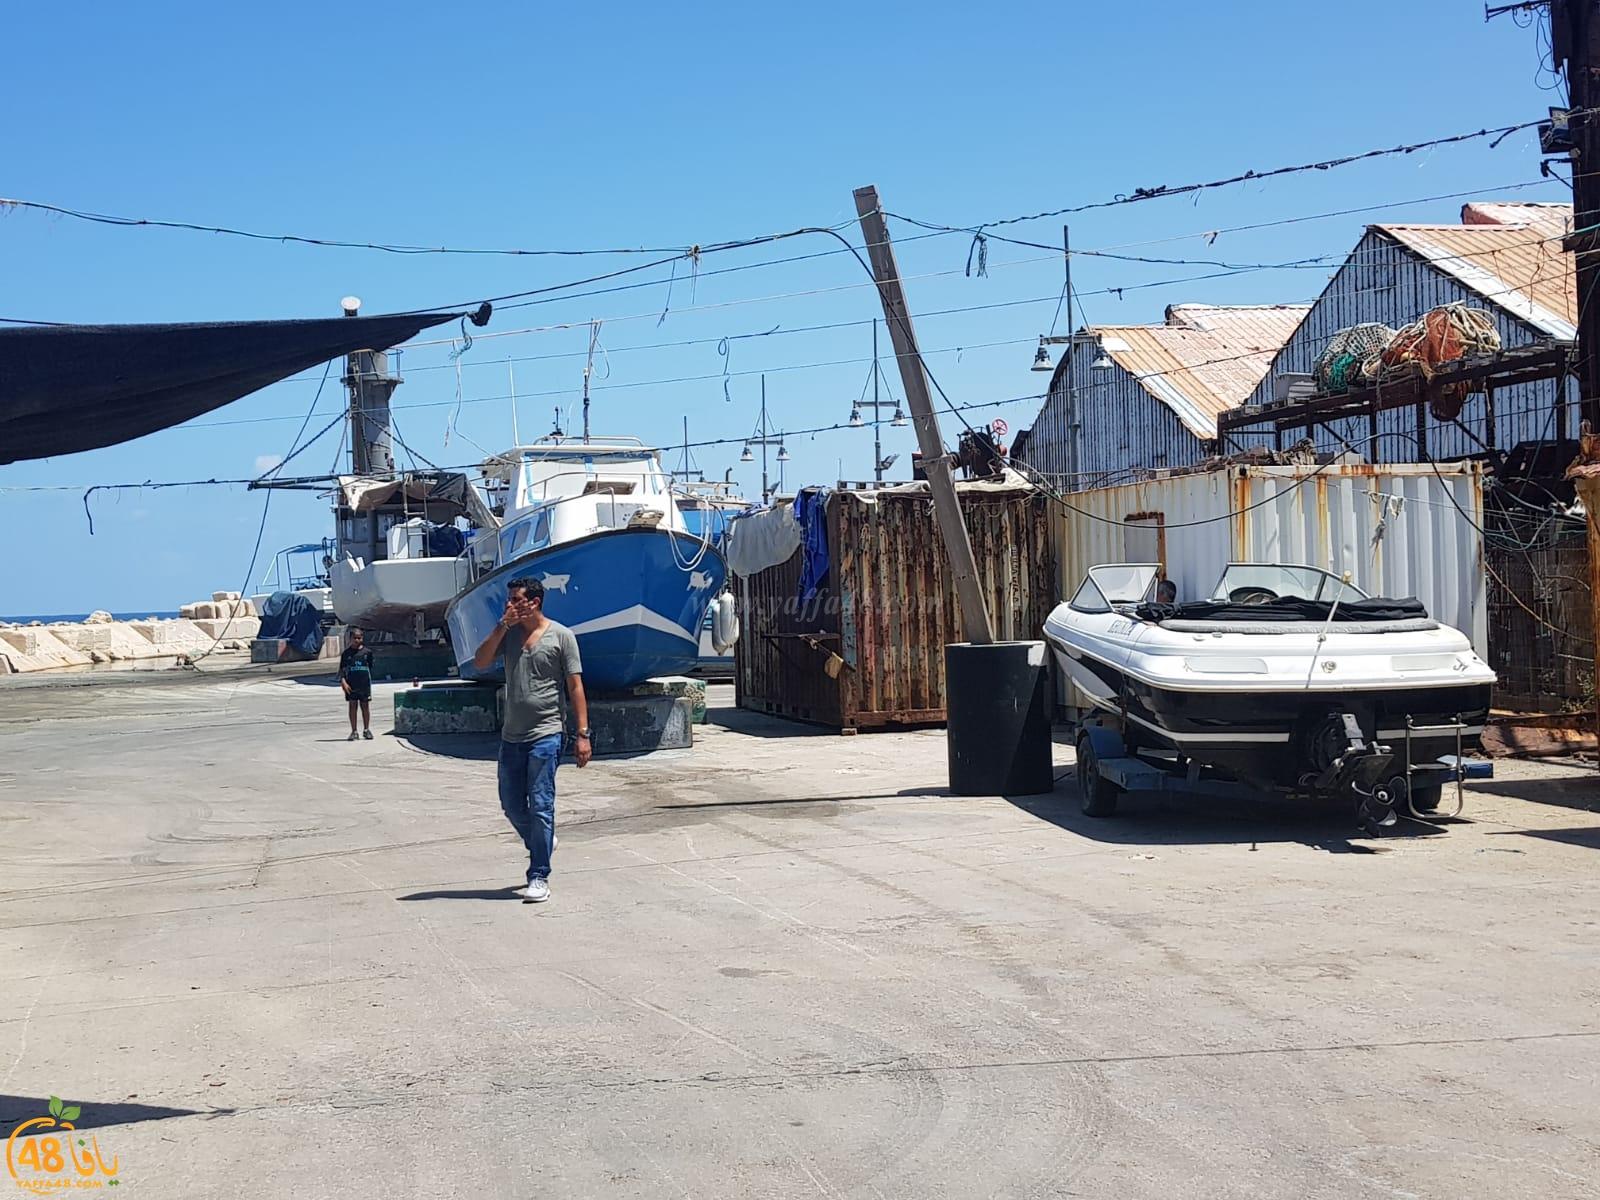 بالصور: للمرة الثالثة خلال اسبوعين - الشرطة تداهم مخازن الصيادين في ميناء يافا